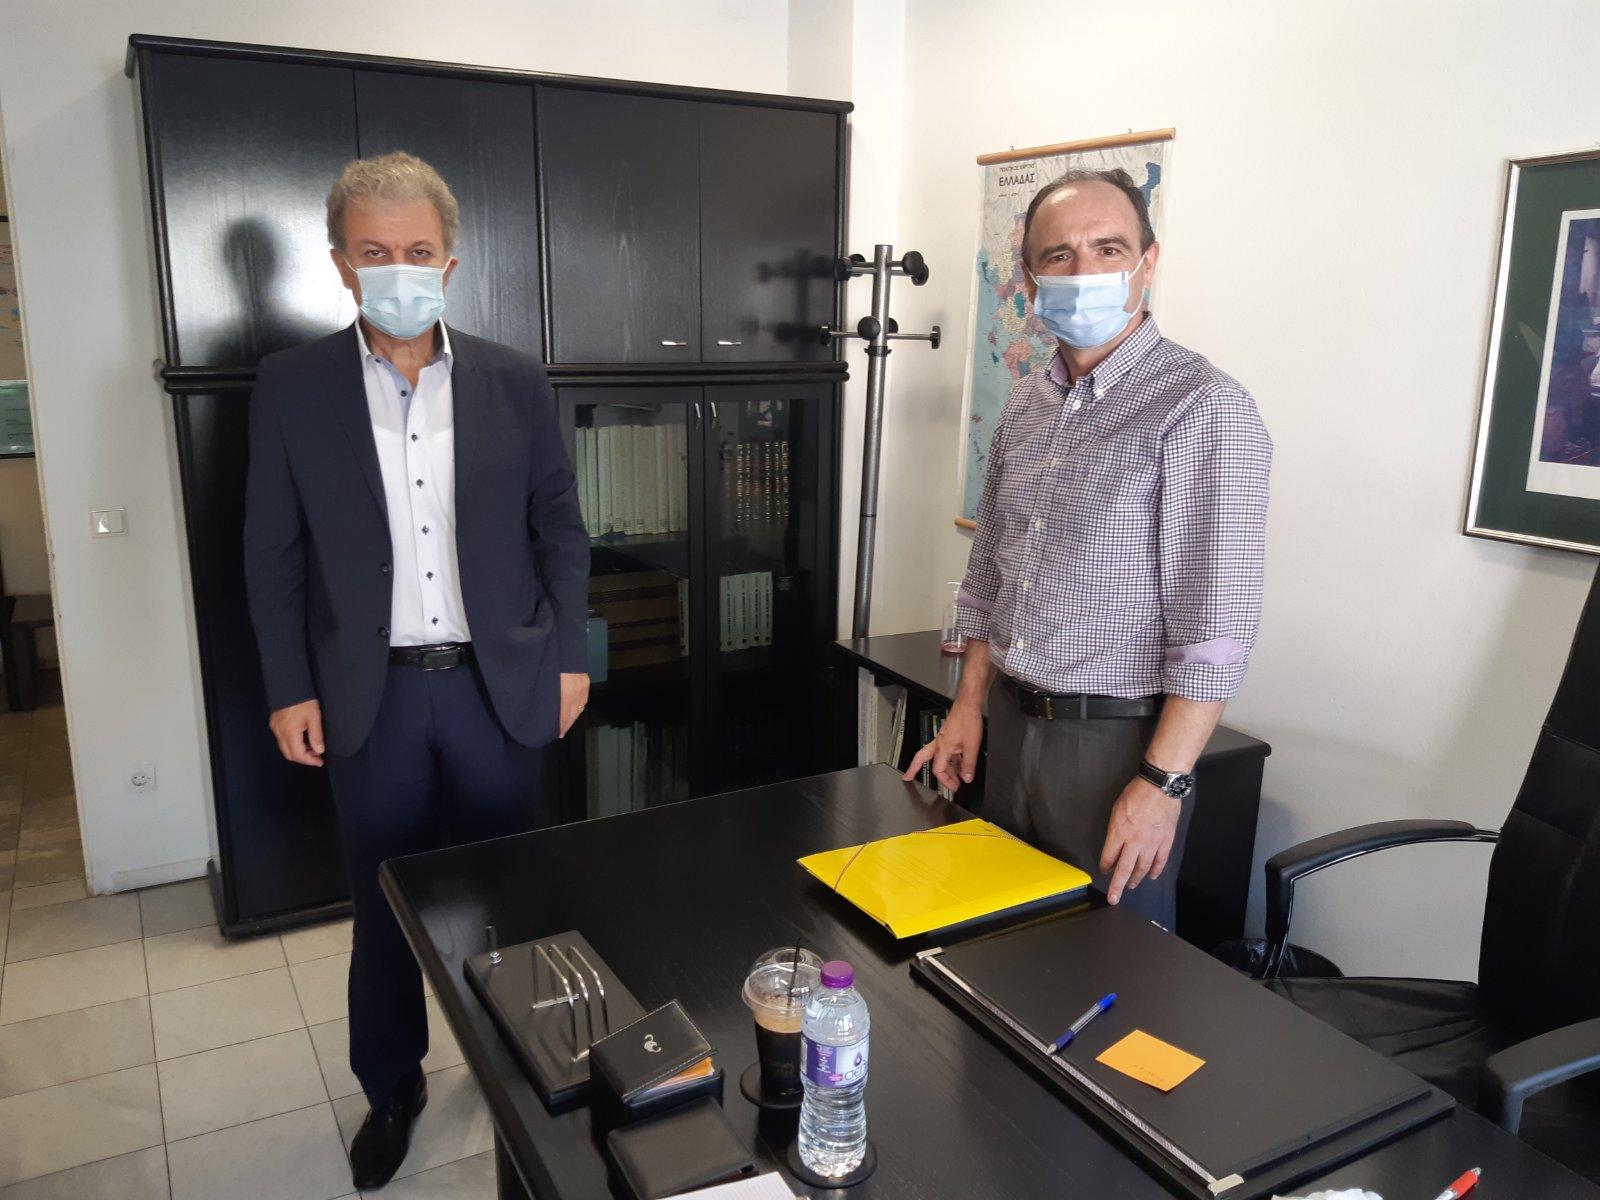 Στο πλαίσιο έναρξης της νέας σχολικής χρονιάς ο Βουλευτής Ν. Κοζάνης Γιώργος Αμανατίδης επισκέφθηκε σήμερα τους νέους Δ/ντες Α/θμιας & Β/θμιας Εκπαίδευσης